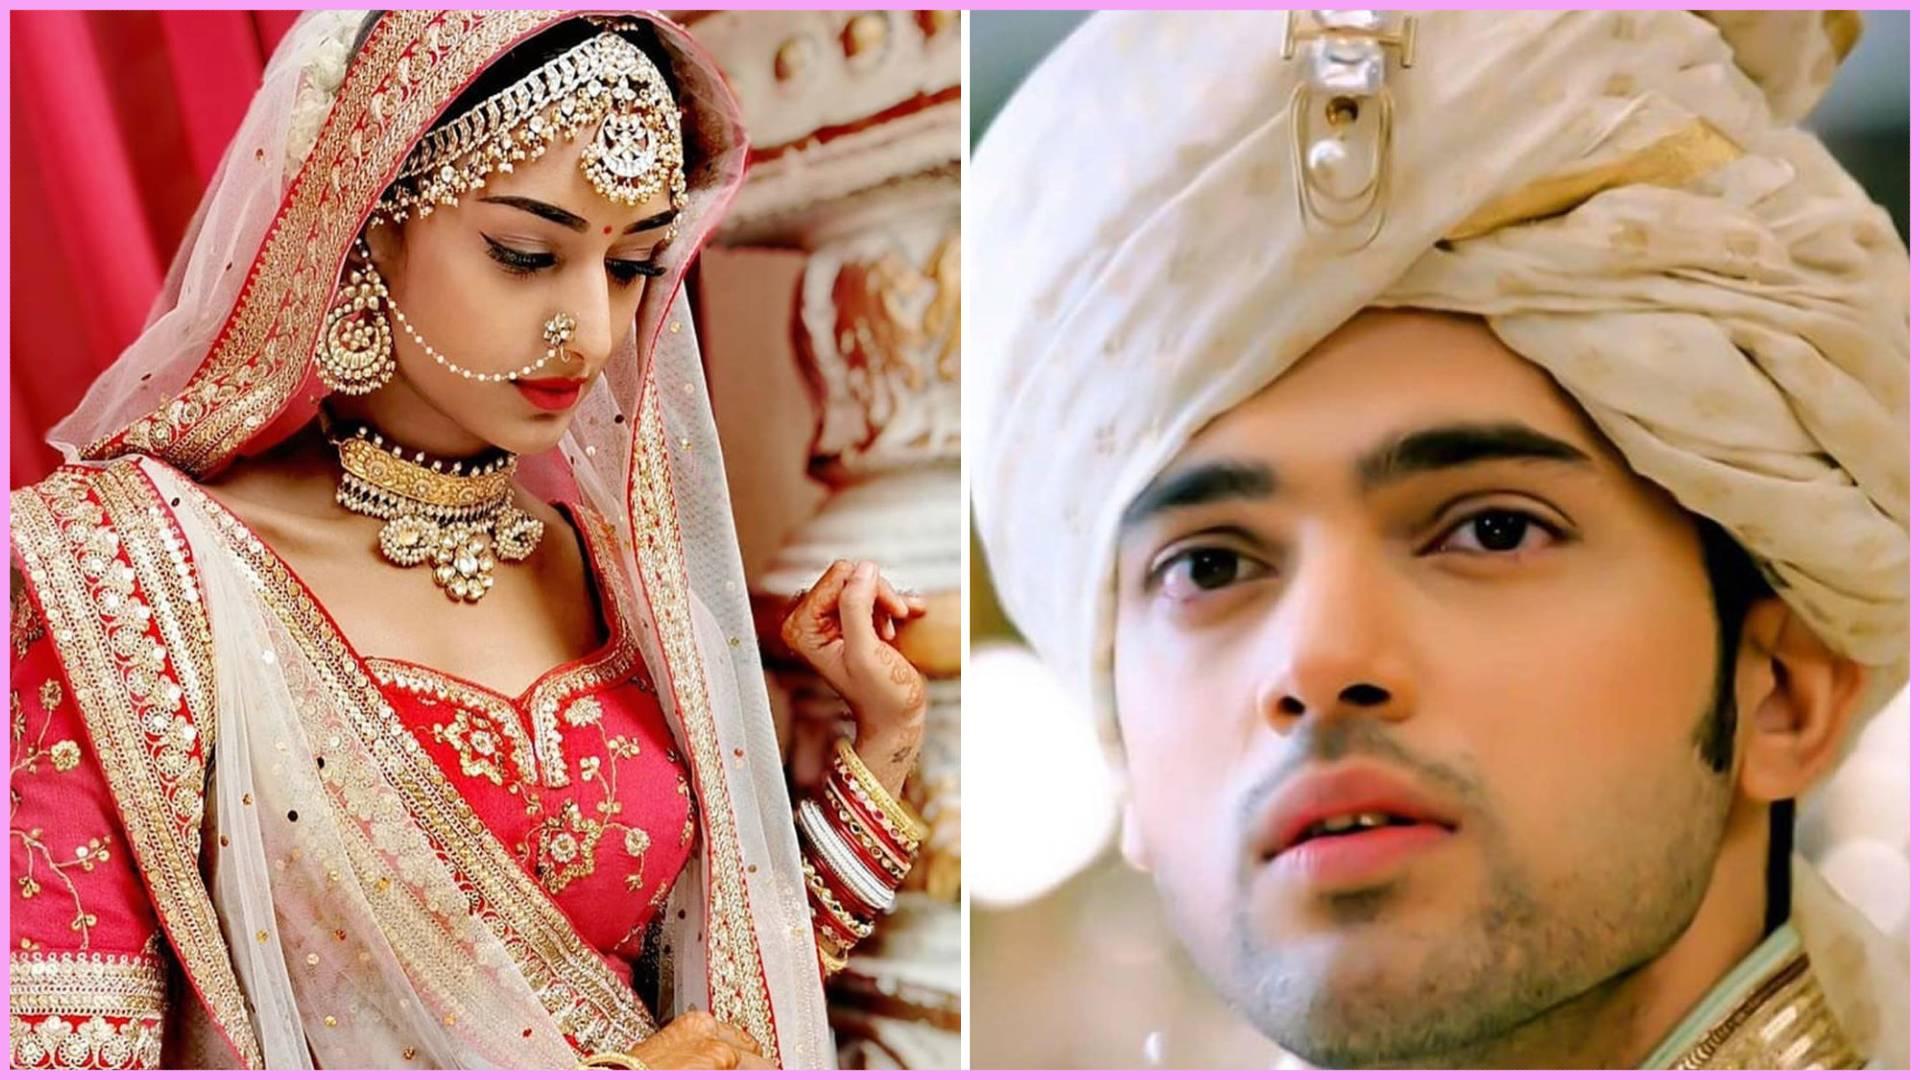 Kasautii Zindagii Kay 2: शादी की तैयारी में जुटे पार्थ समथान-एरिका फर्नांडीस, दूल्हा-दुल्हन के लुक में आये नजर